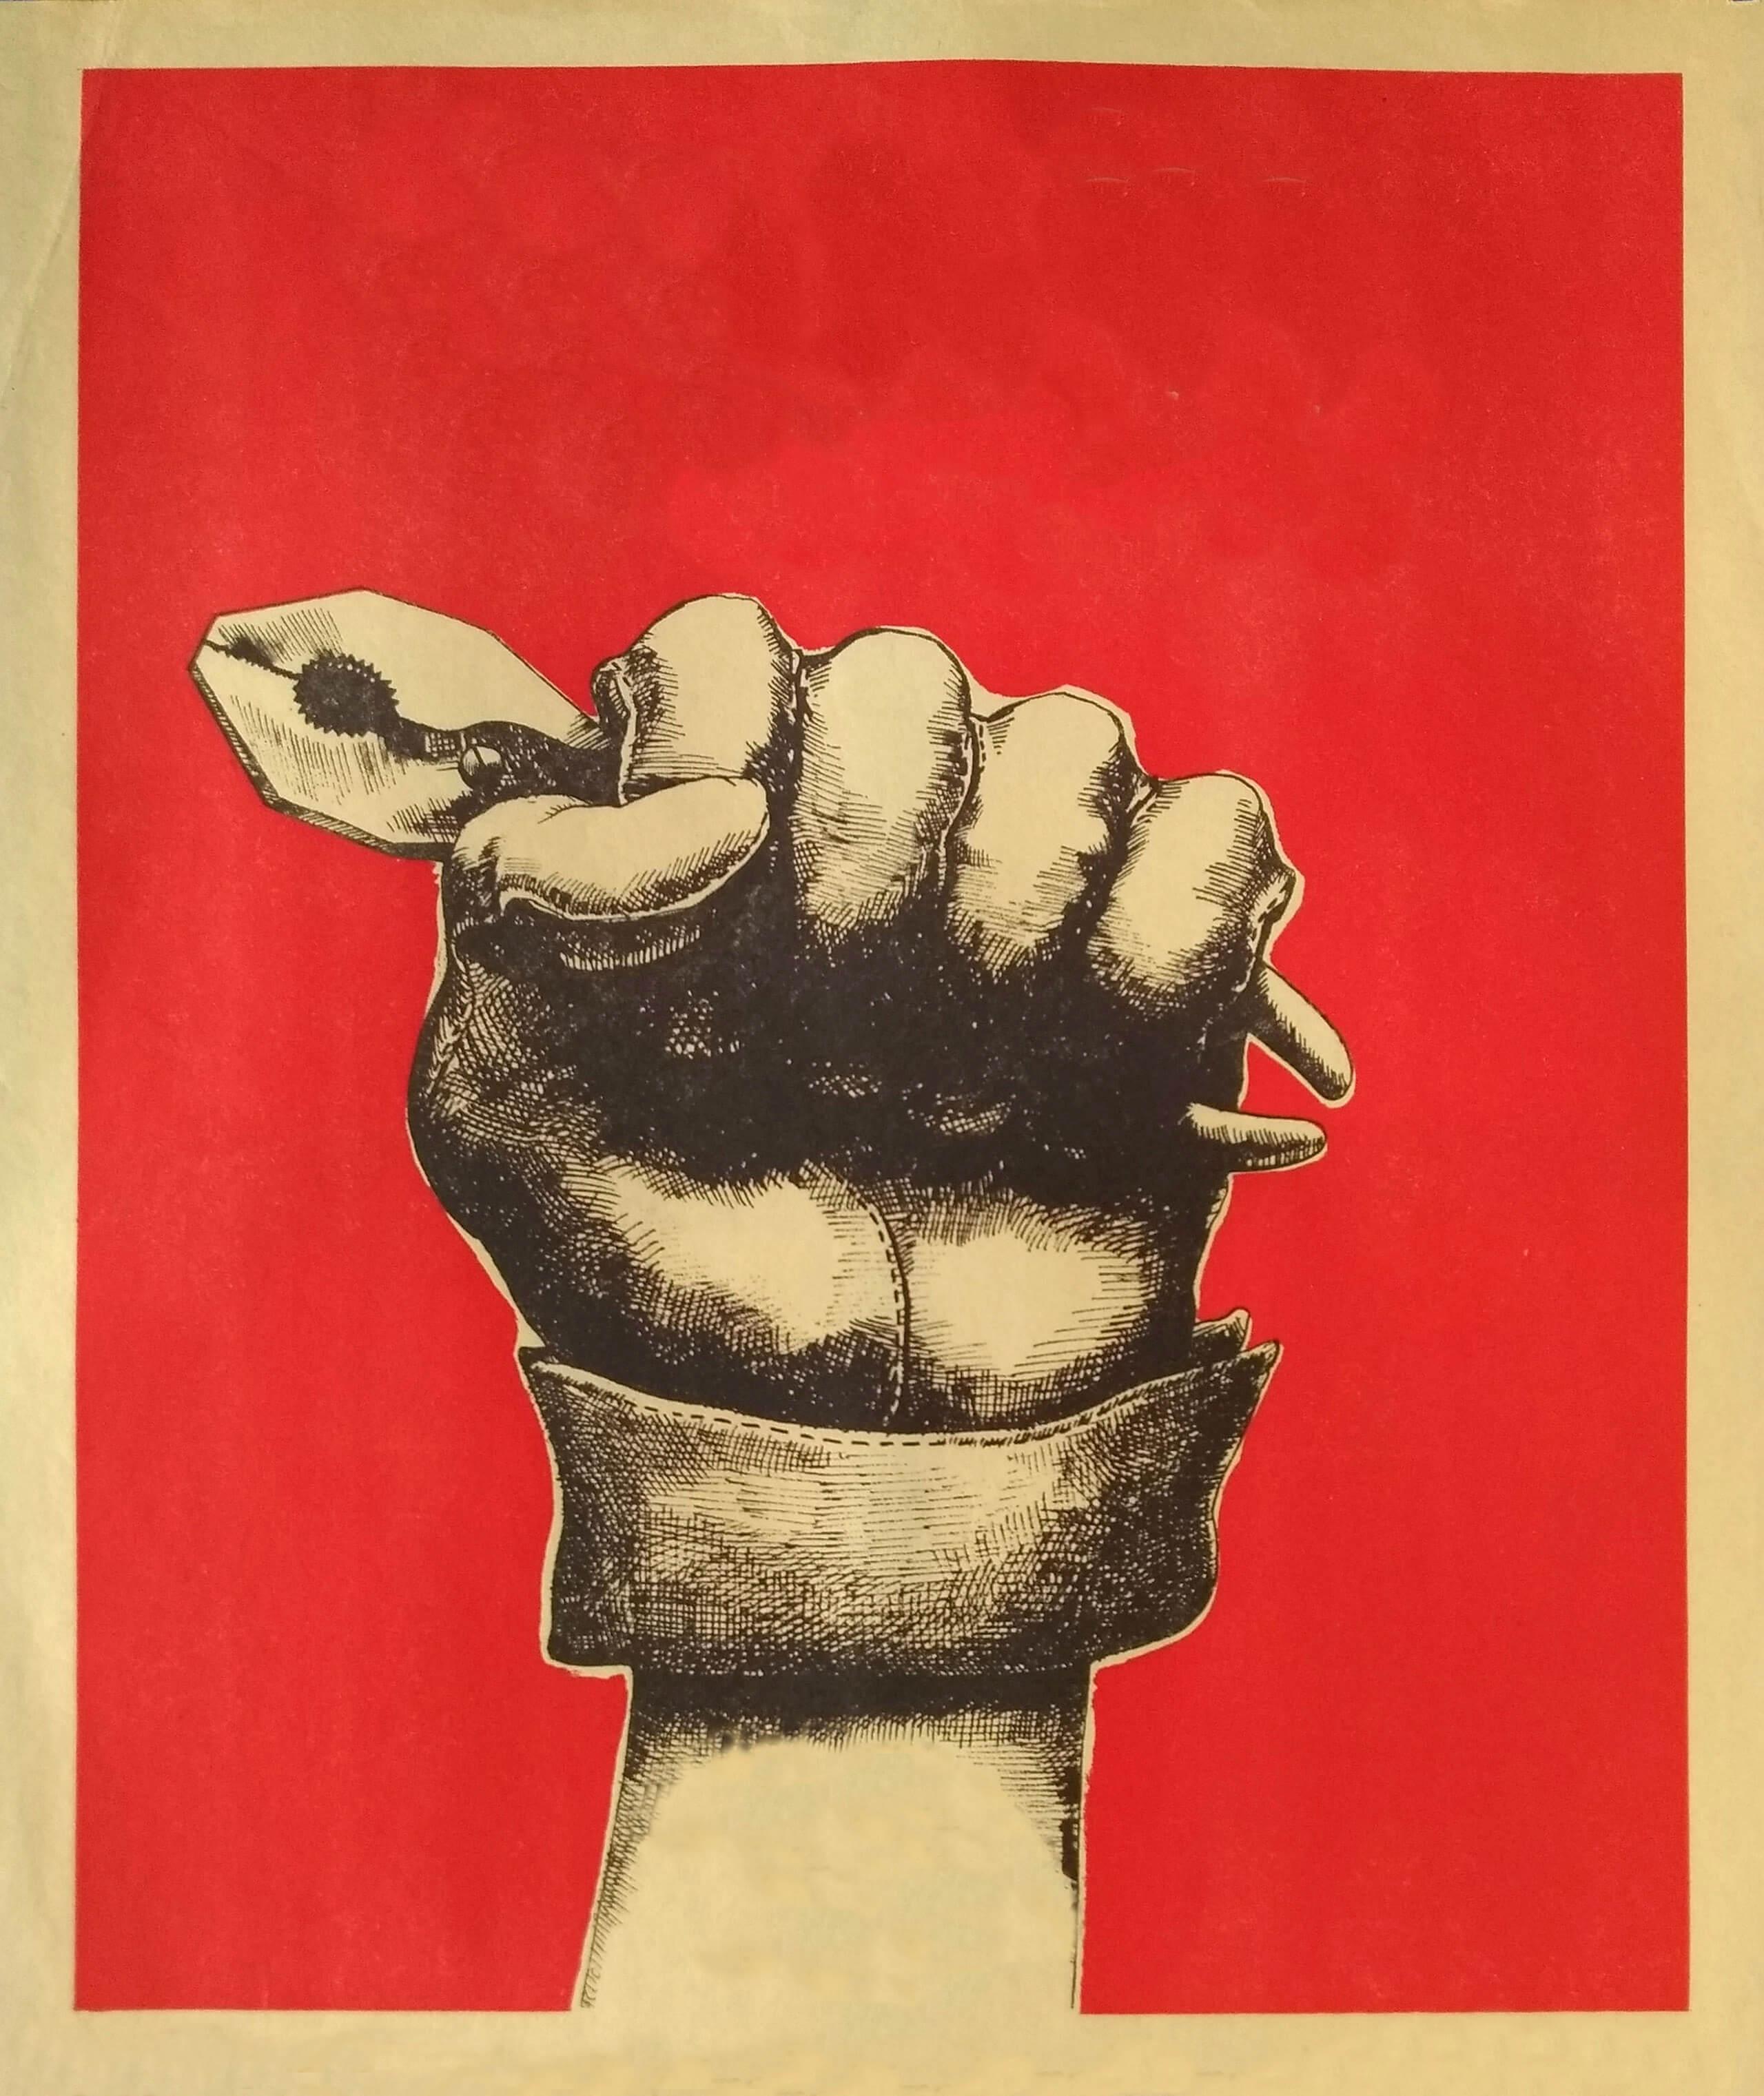 Este puño sí se ve | La demanda inasumible. Imaginación social y autogestión gráfica en México, 1968-2018 | Museo Amparo, Puebla